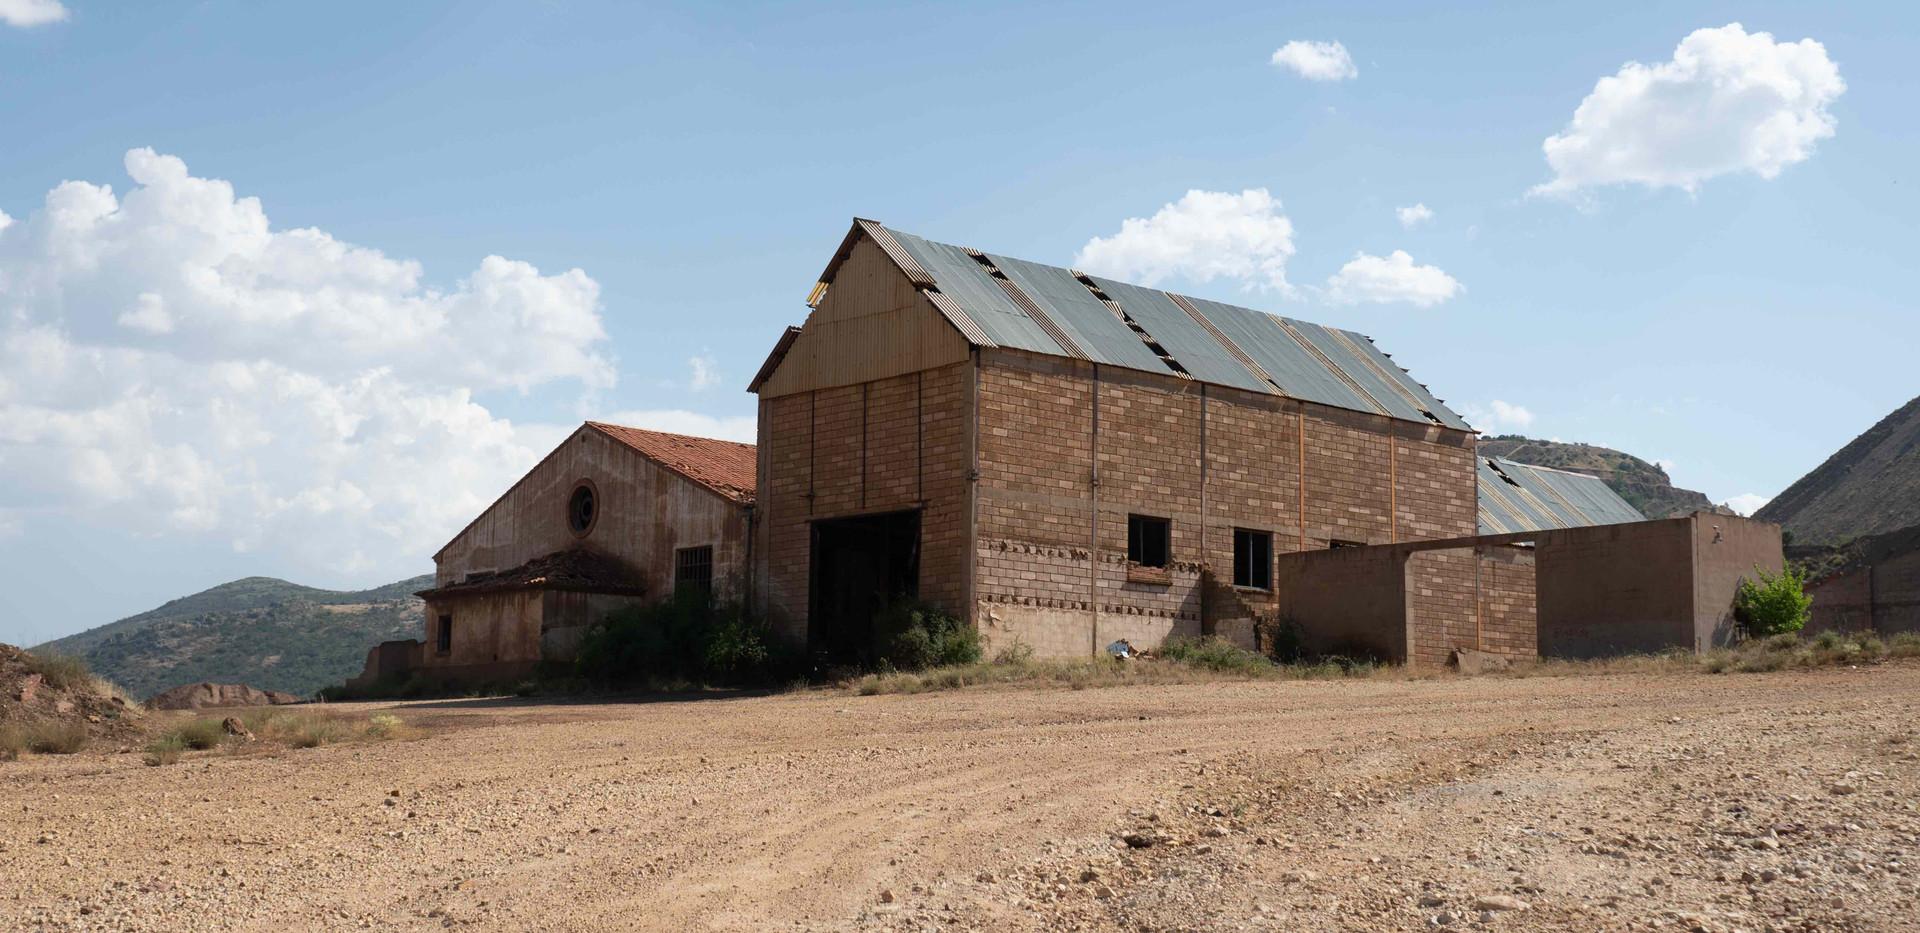 Garages de maquinas mineras /  Machine ship